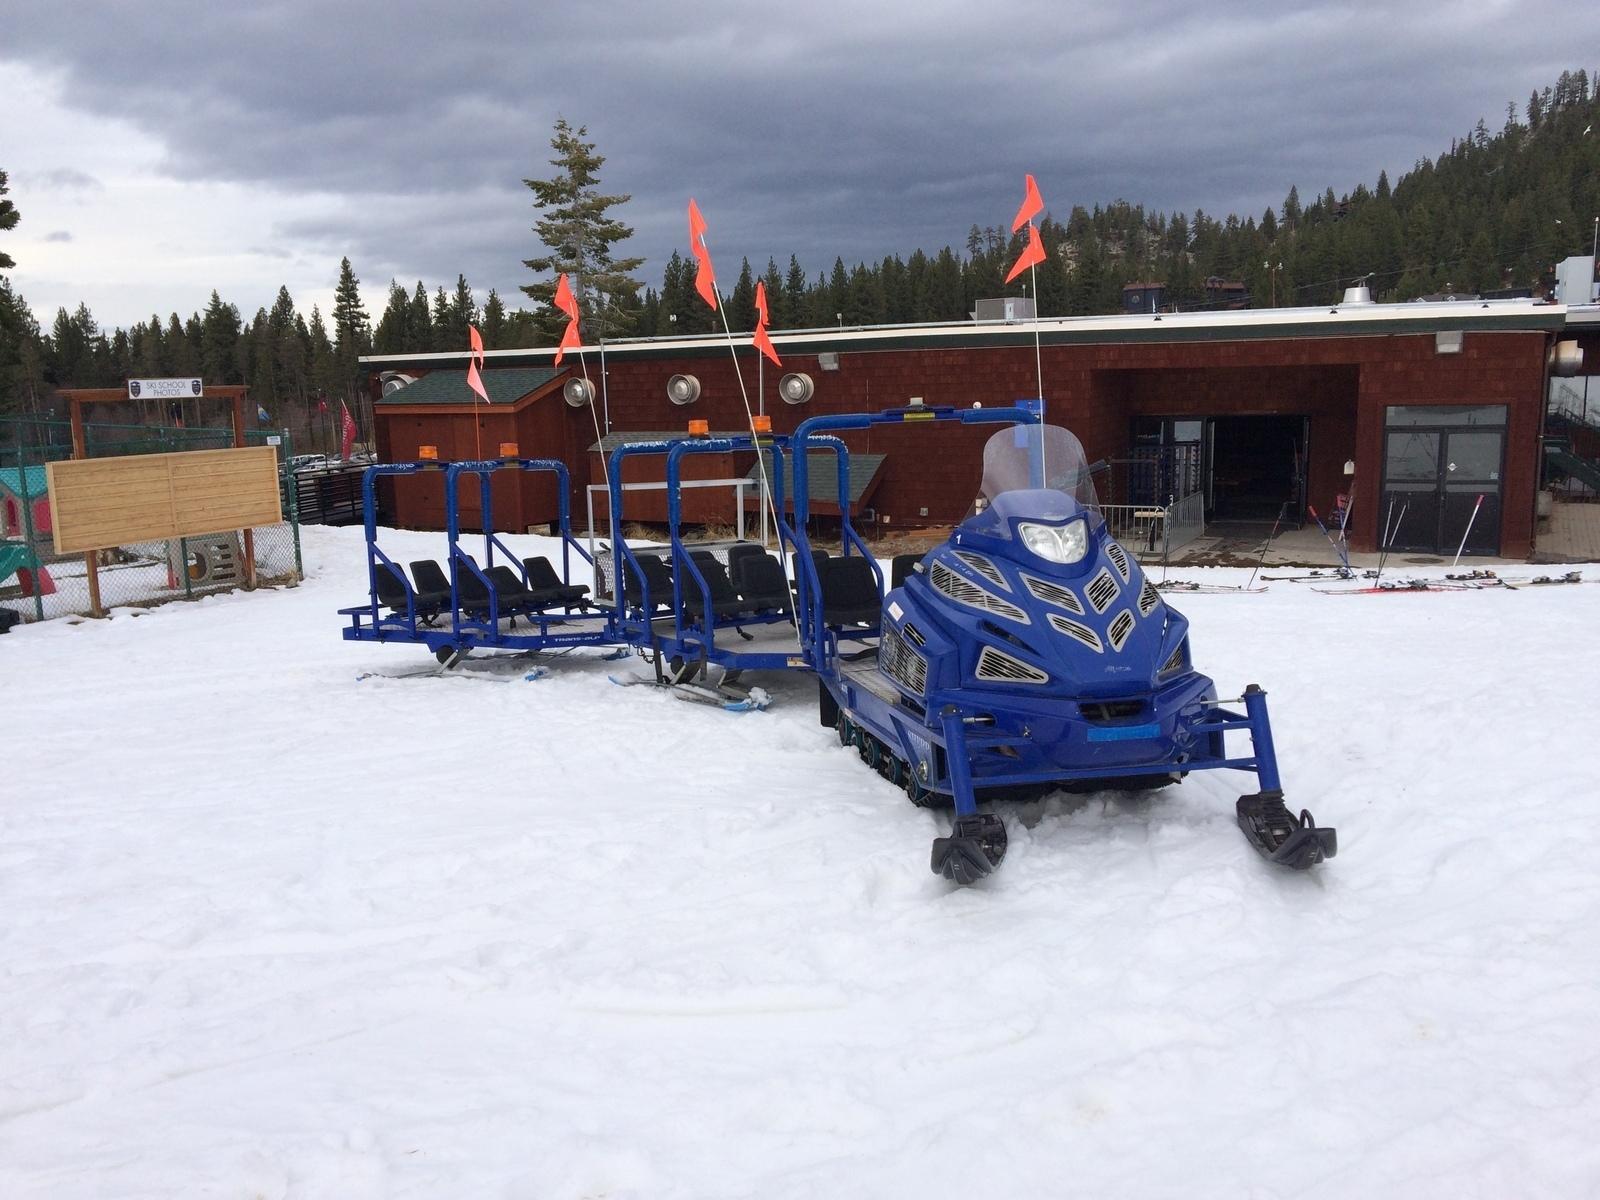 Is Heavenly Ski Resort Kid Friendly